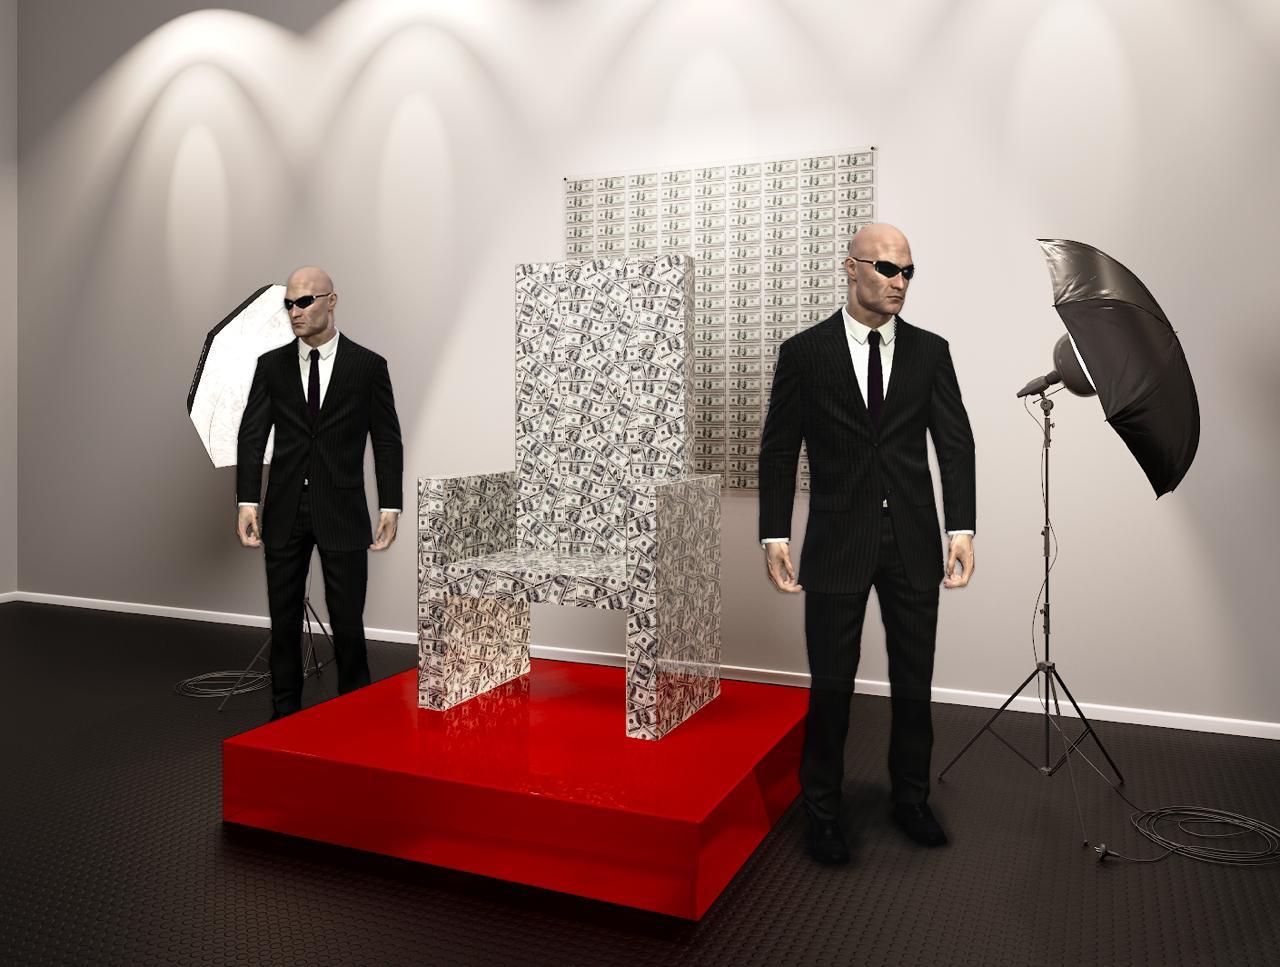 Арт-объект на миллион долларов: в России появится самый дорогой трон в истории